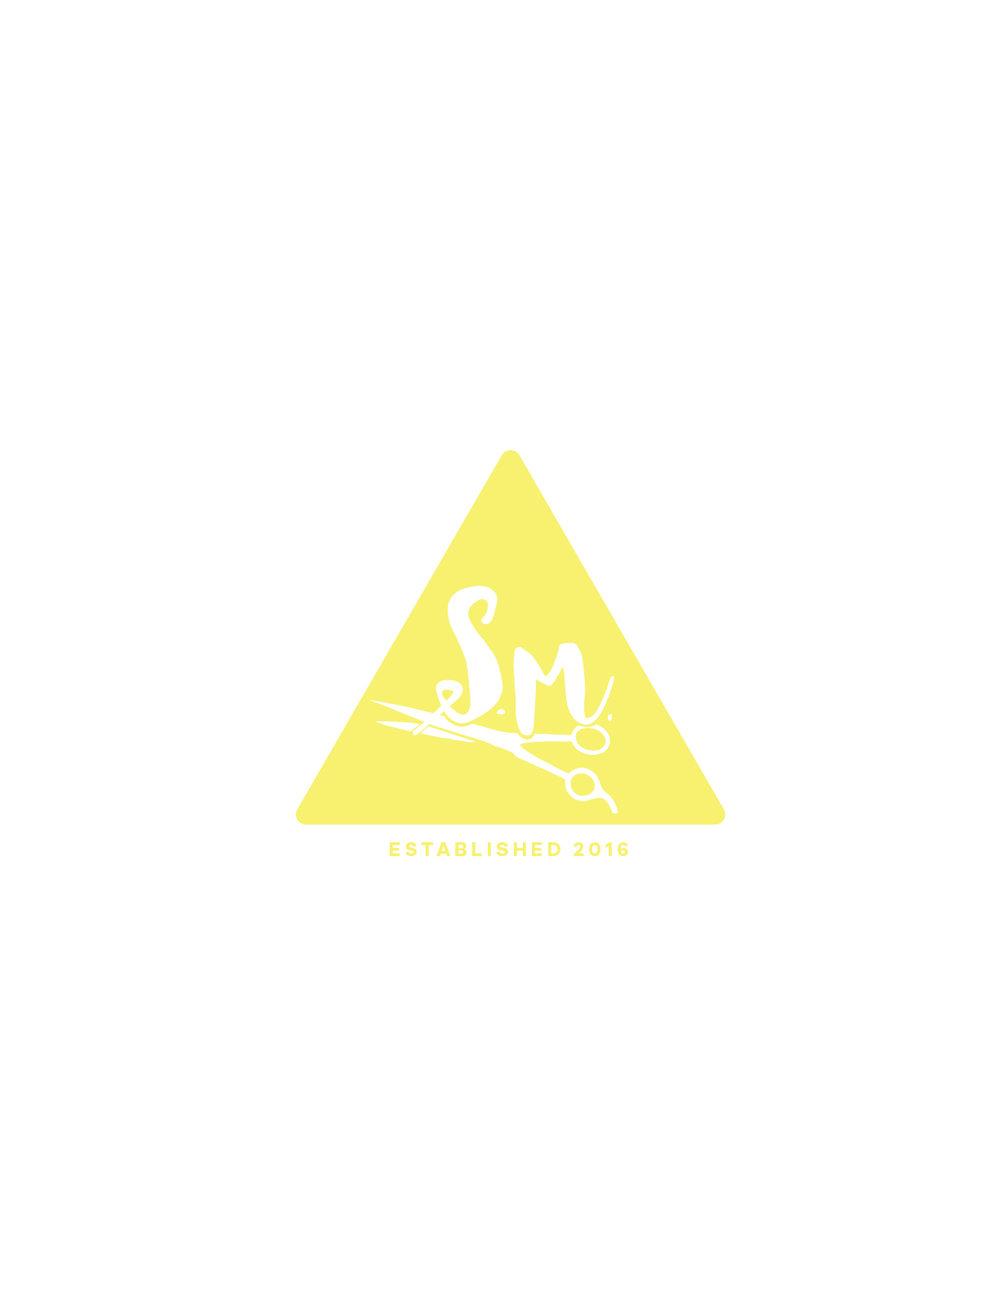 the-four-design-sammi-mac-logo-concepts-7.jpg